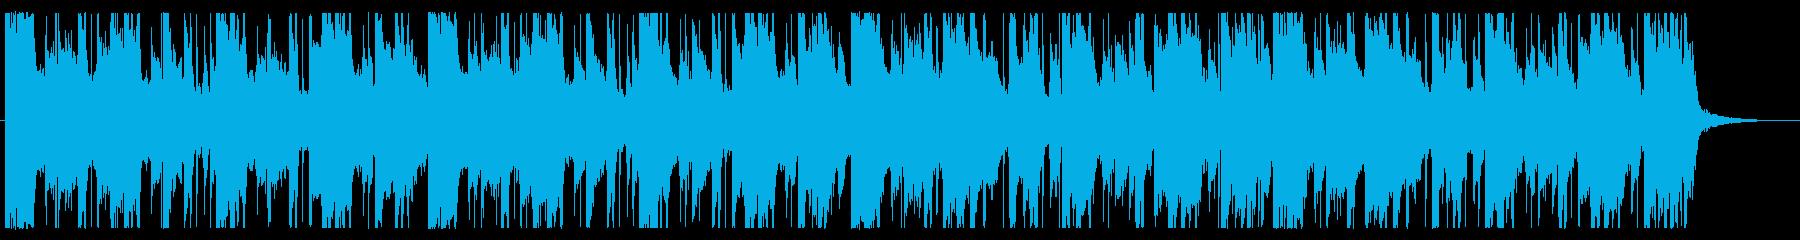 ピアノ/シンプル/R&B_No443_4の再生済みの波形